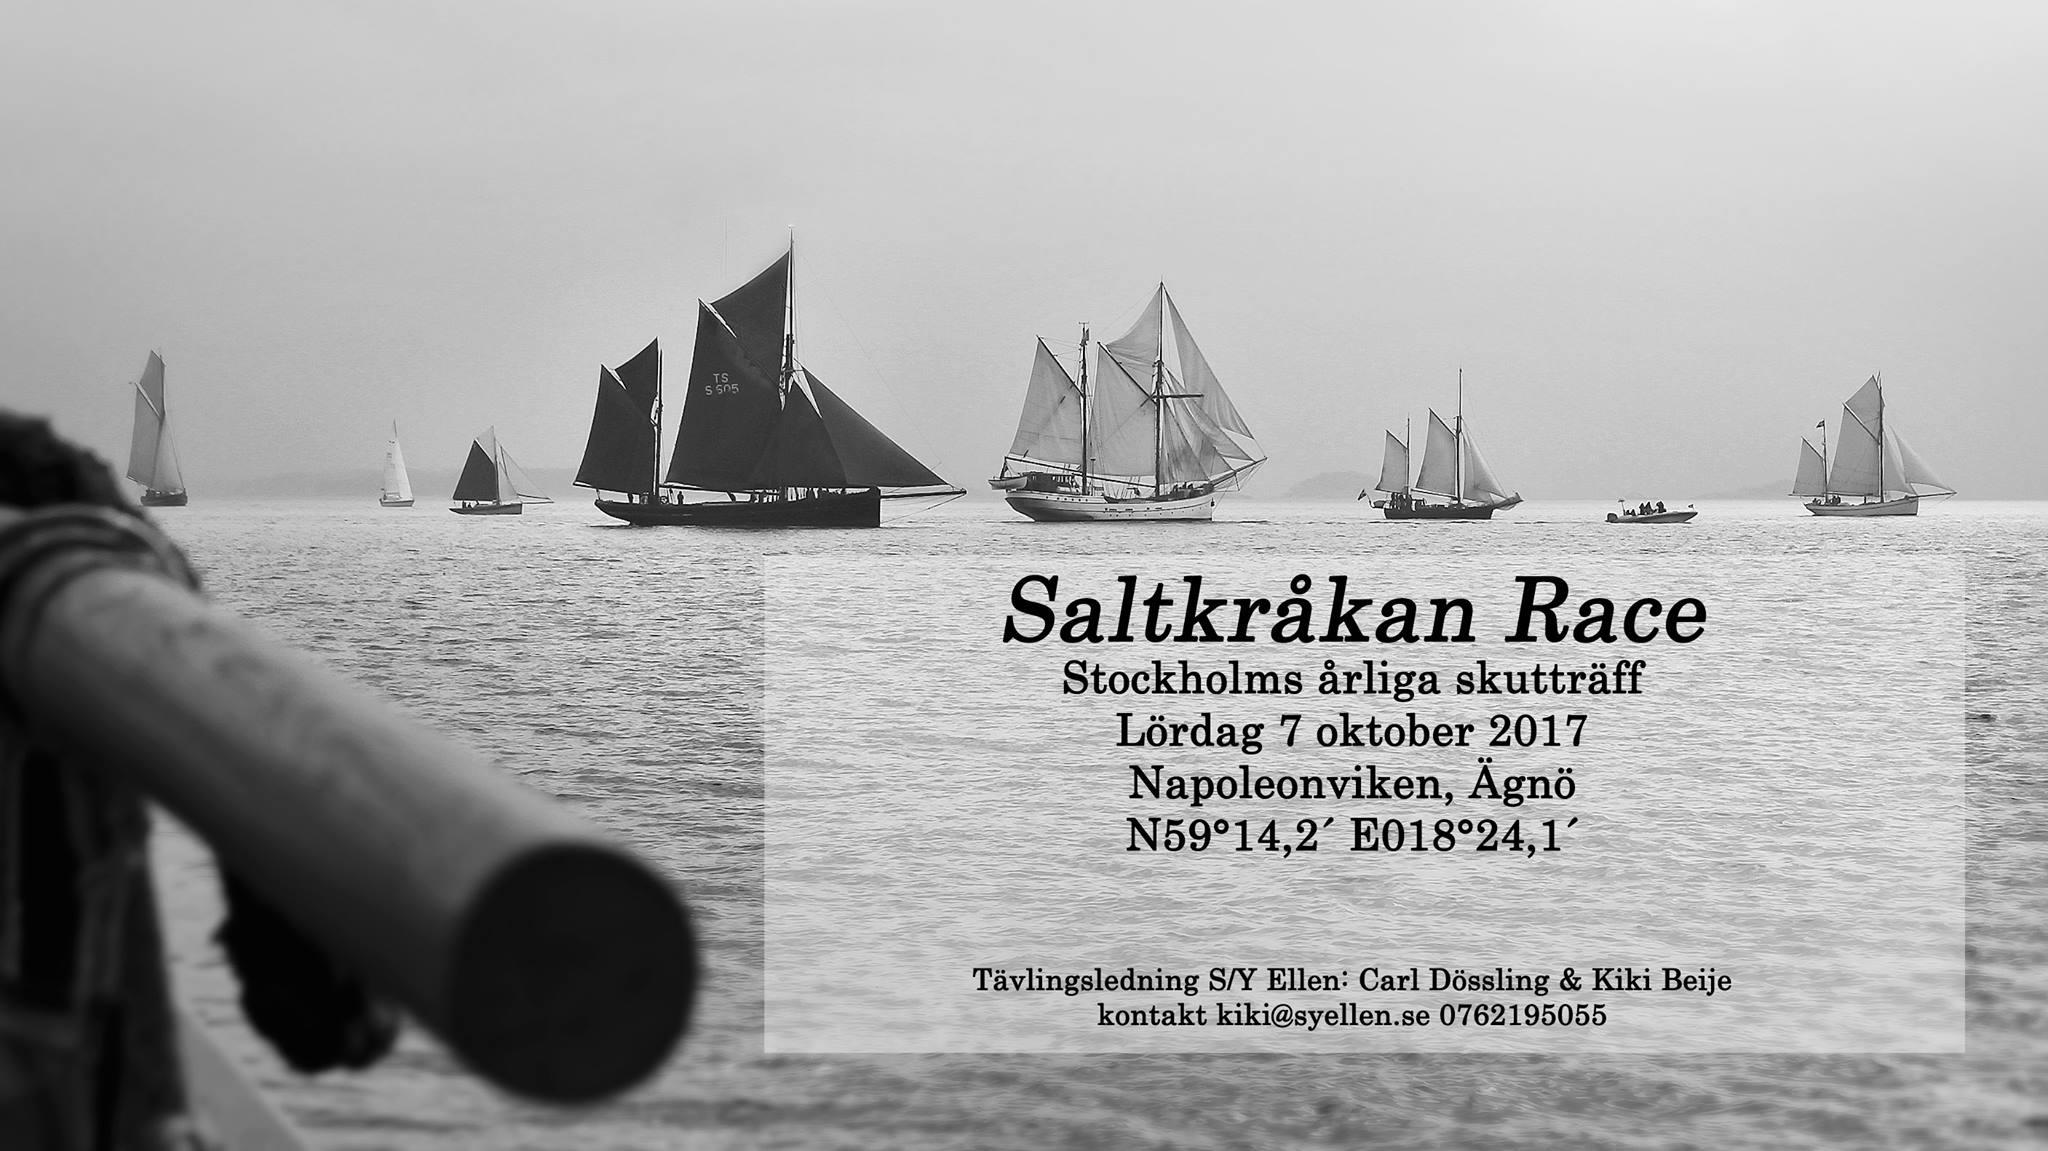 Saltkråkan race 2017 |